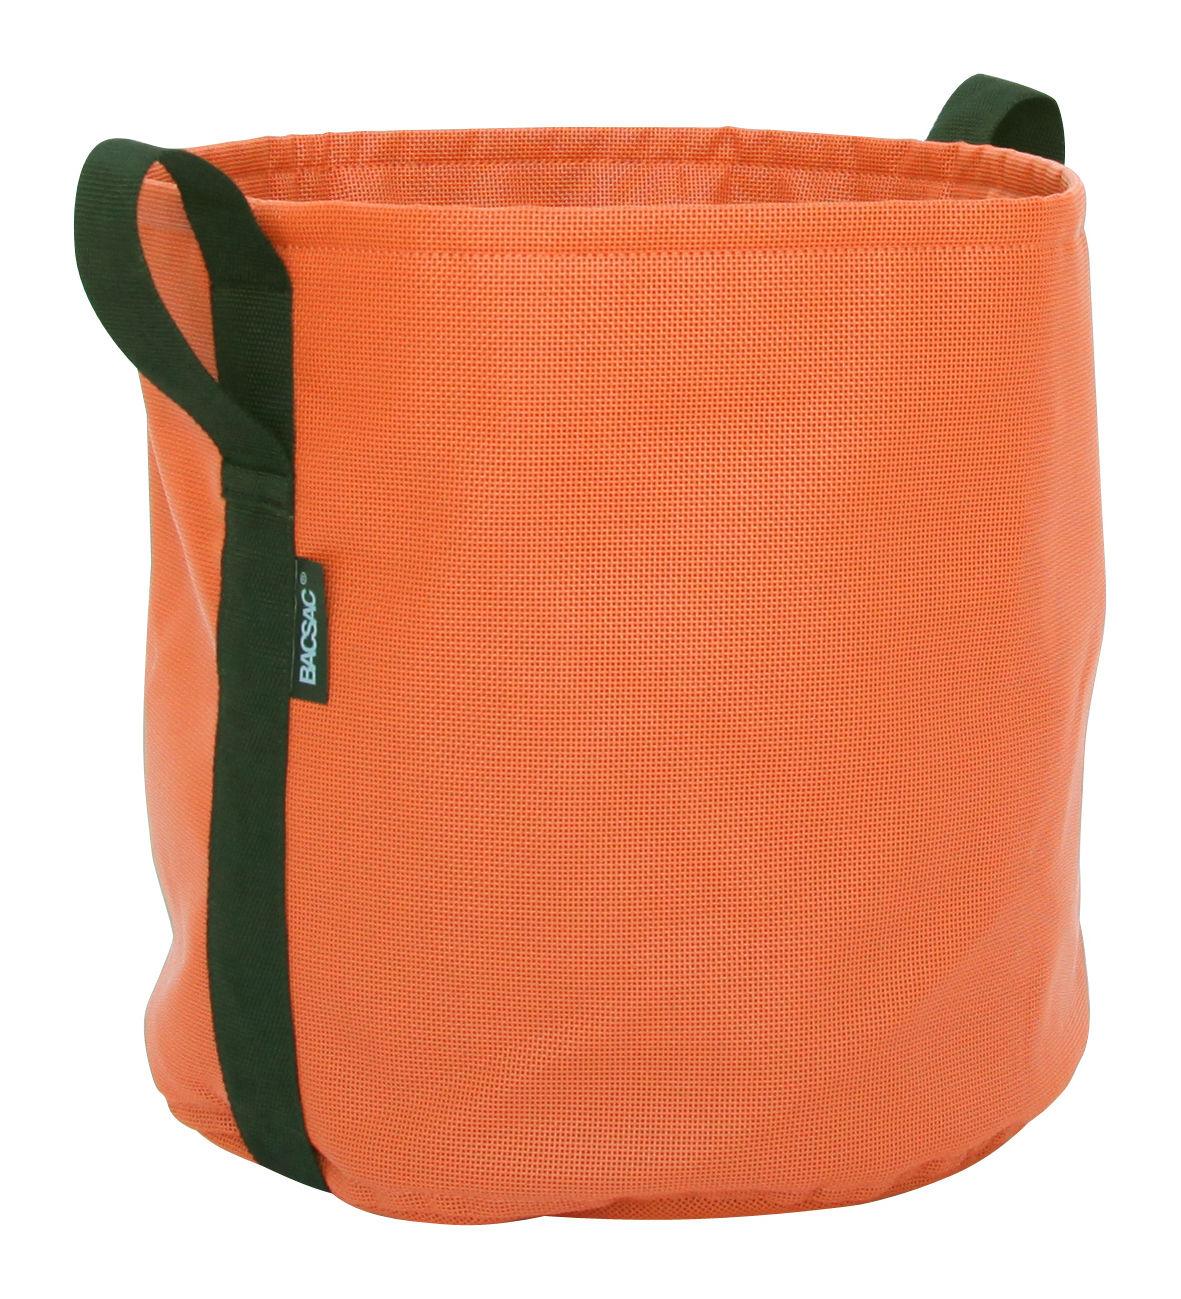 Outdoor - Töpfe und Pflanzen - Batyline® Blumentopf / Outdoor-Version - 25 l - Bacsac - Kürbis - Toile Batyline®